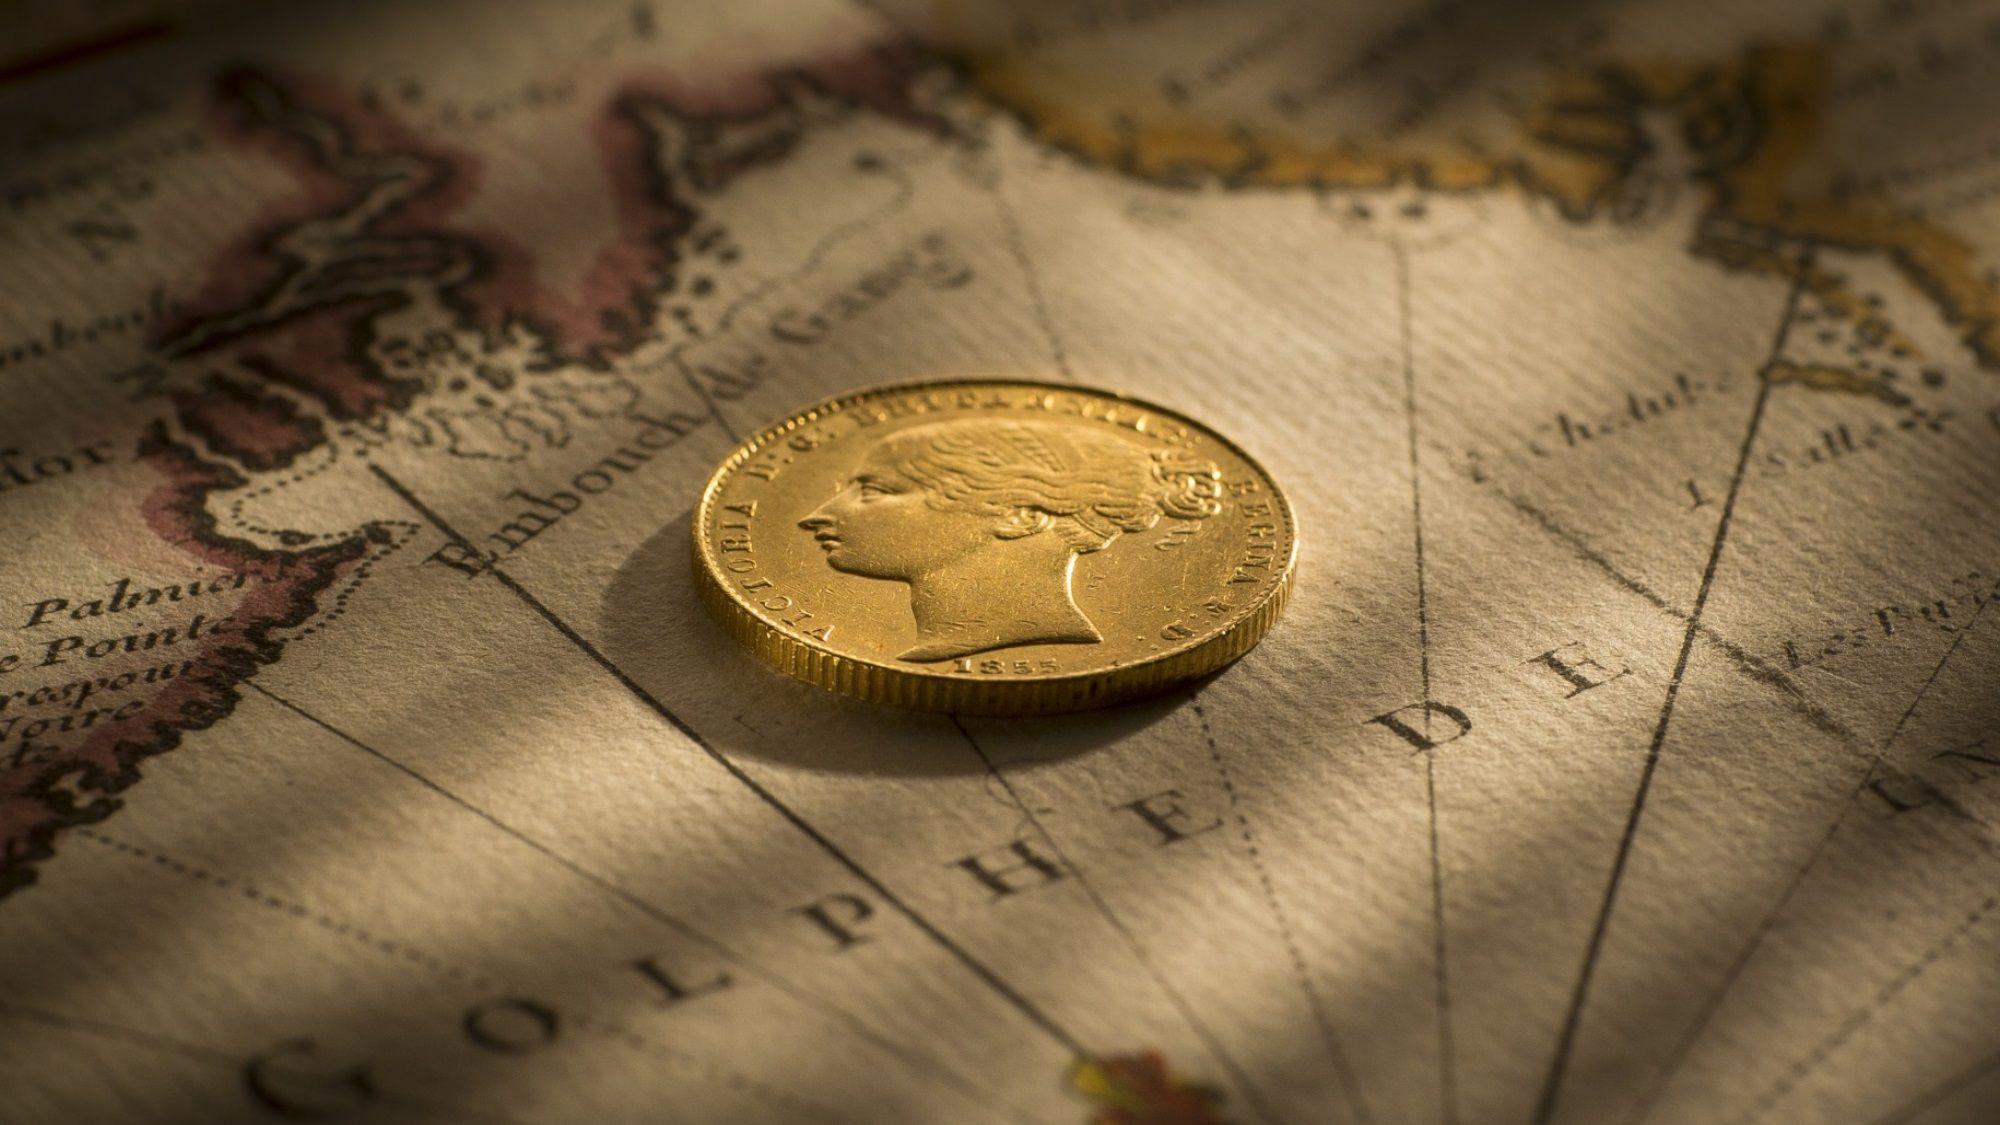 1855 Sydney Mint Sovereign EF obv B&B May 2018